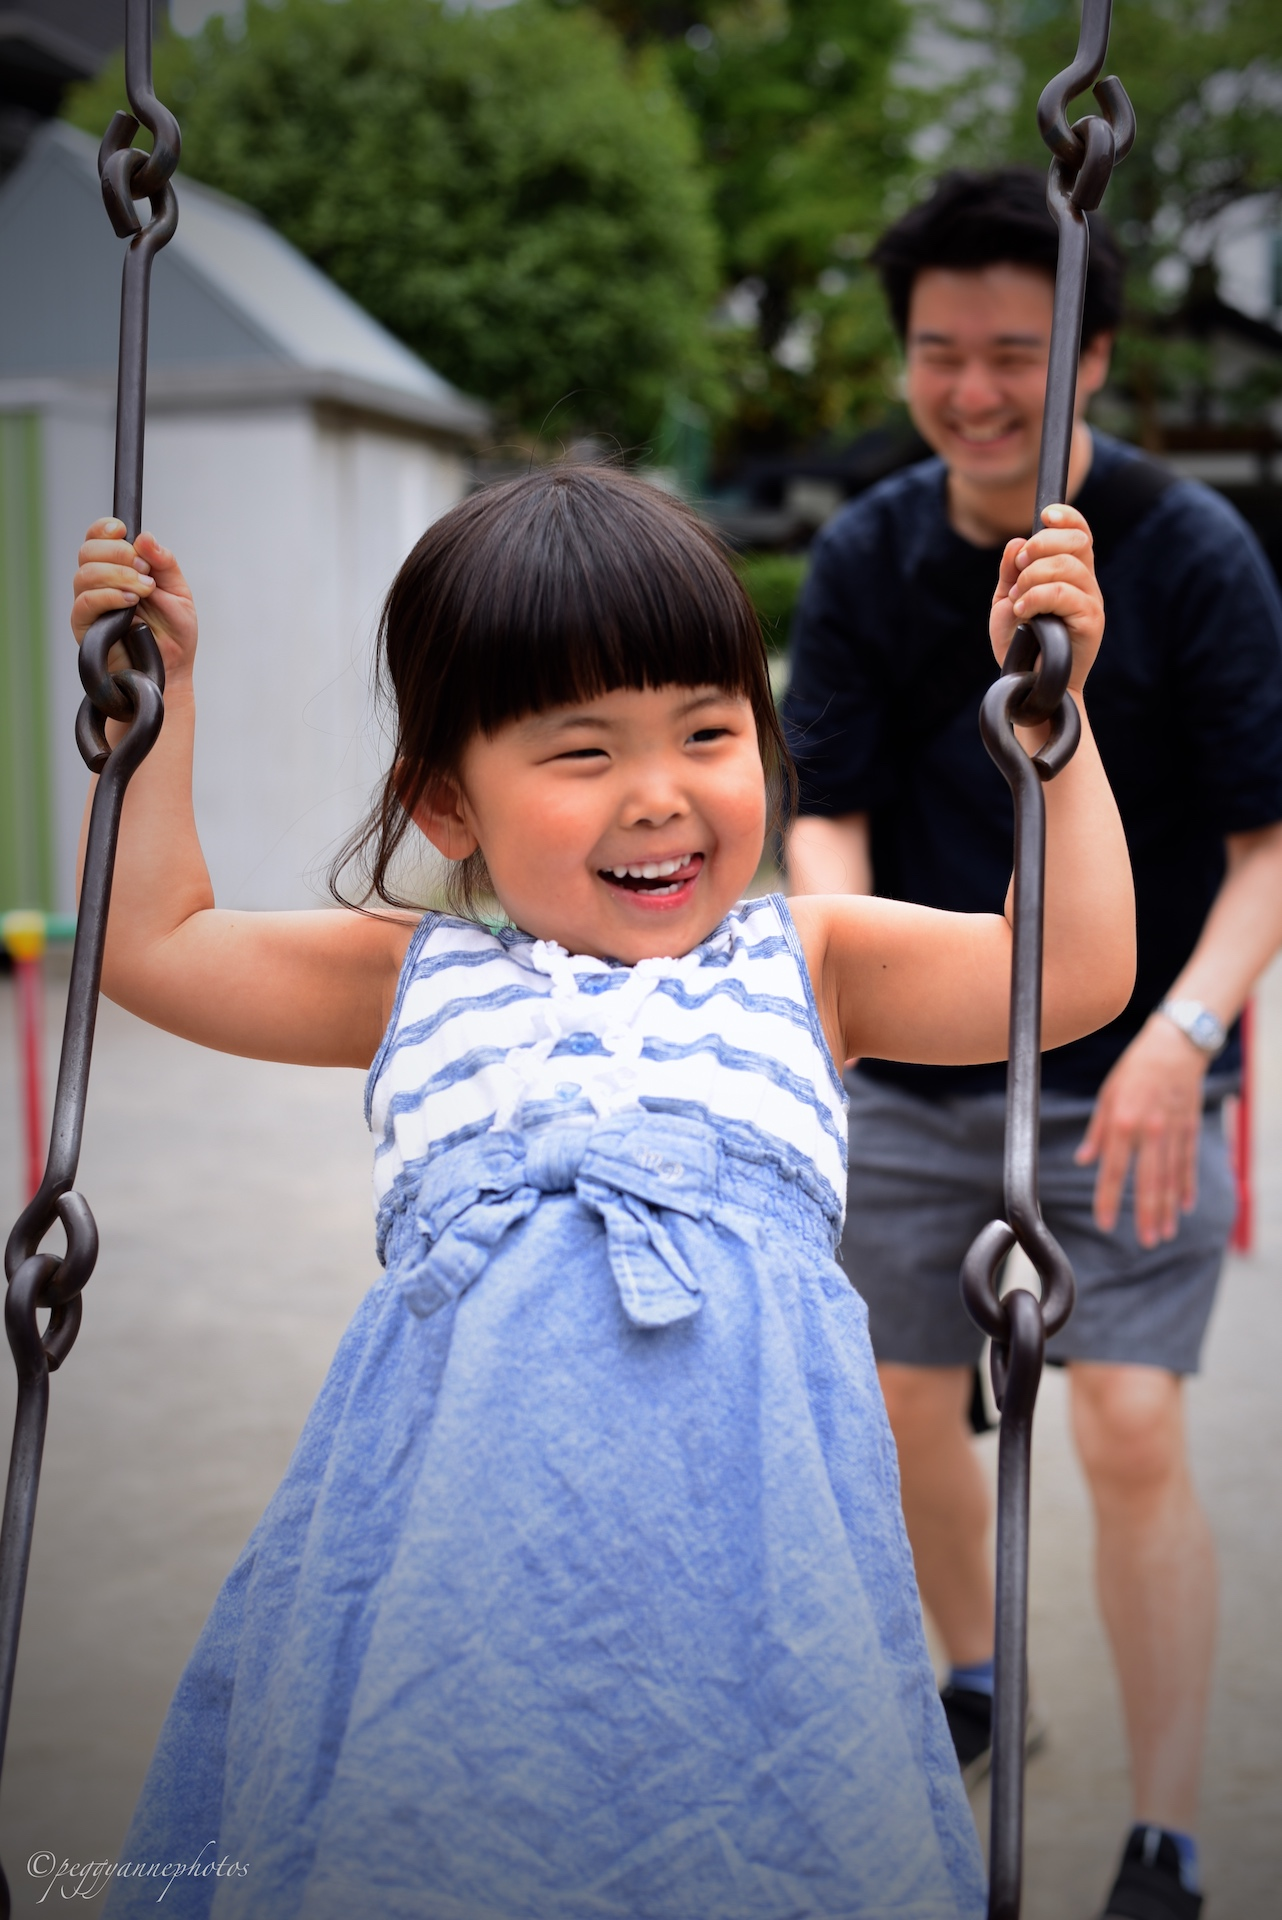 2019_05_19 Ayako's Family PCWsmall 01.JPG